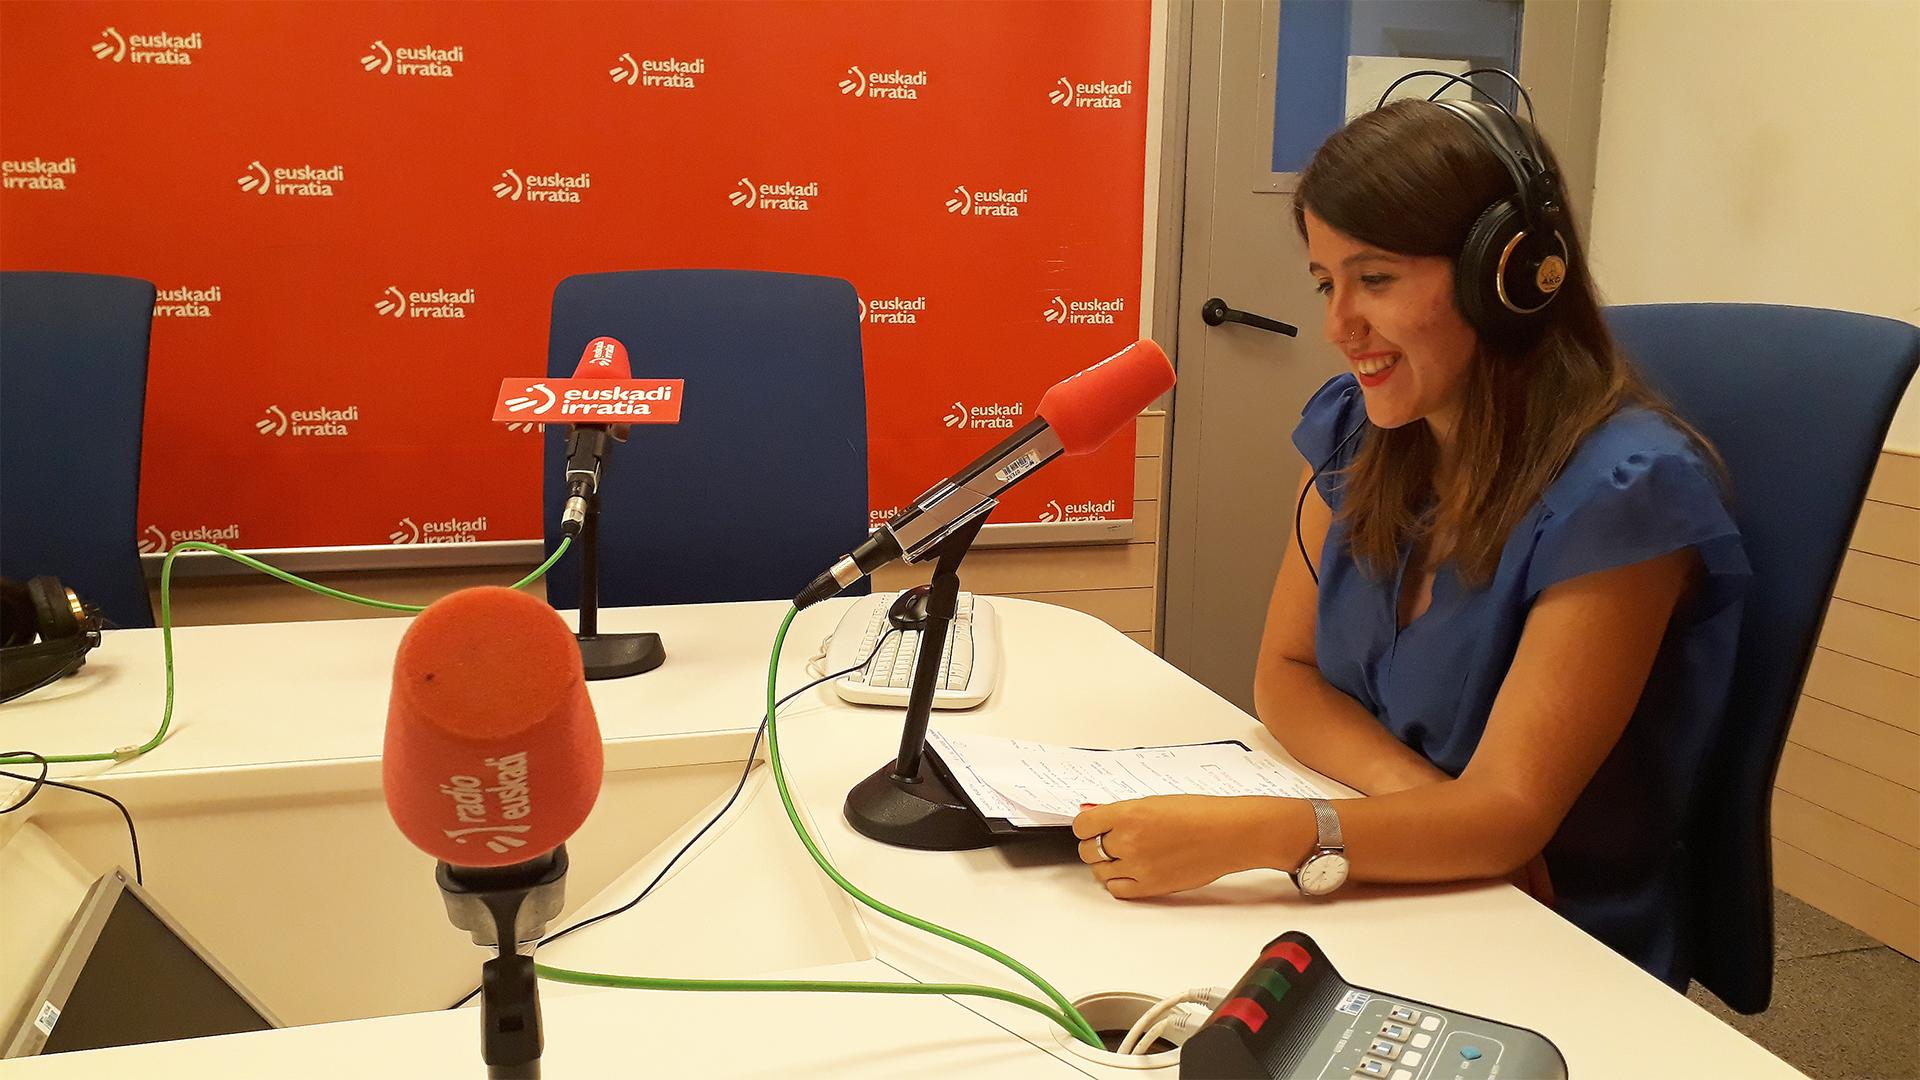 Estibaliz Legarreta (DIARADESIGN) habla del proyecto INCALM en Euskadi Irratia.